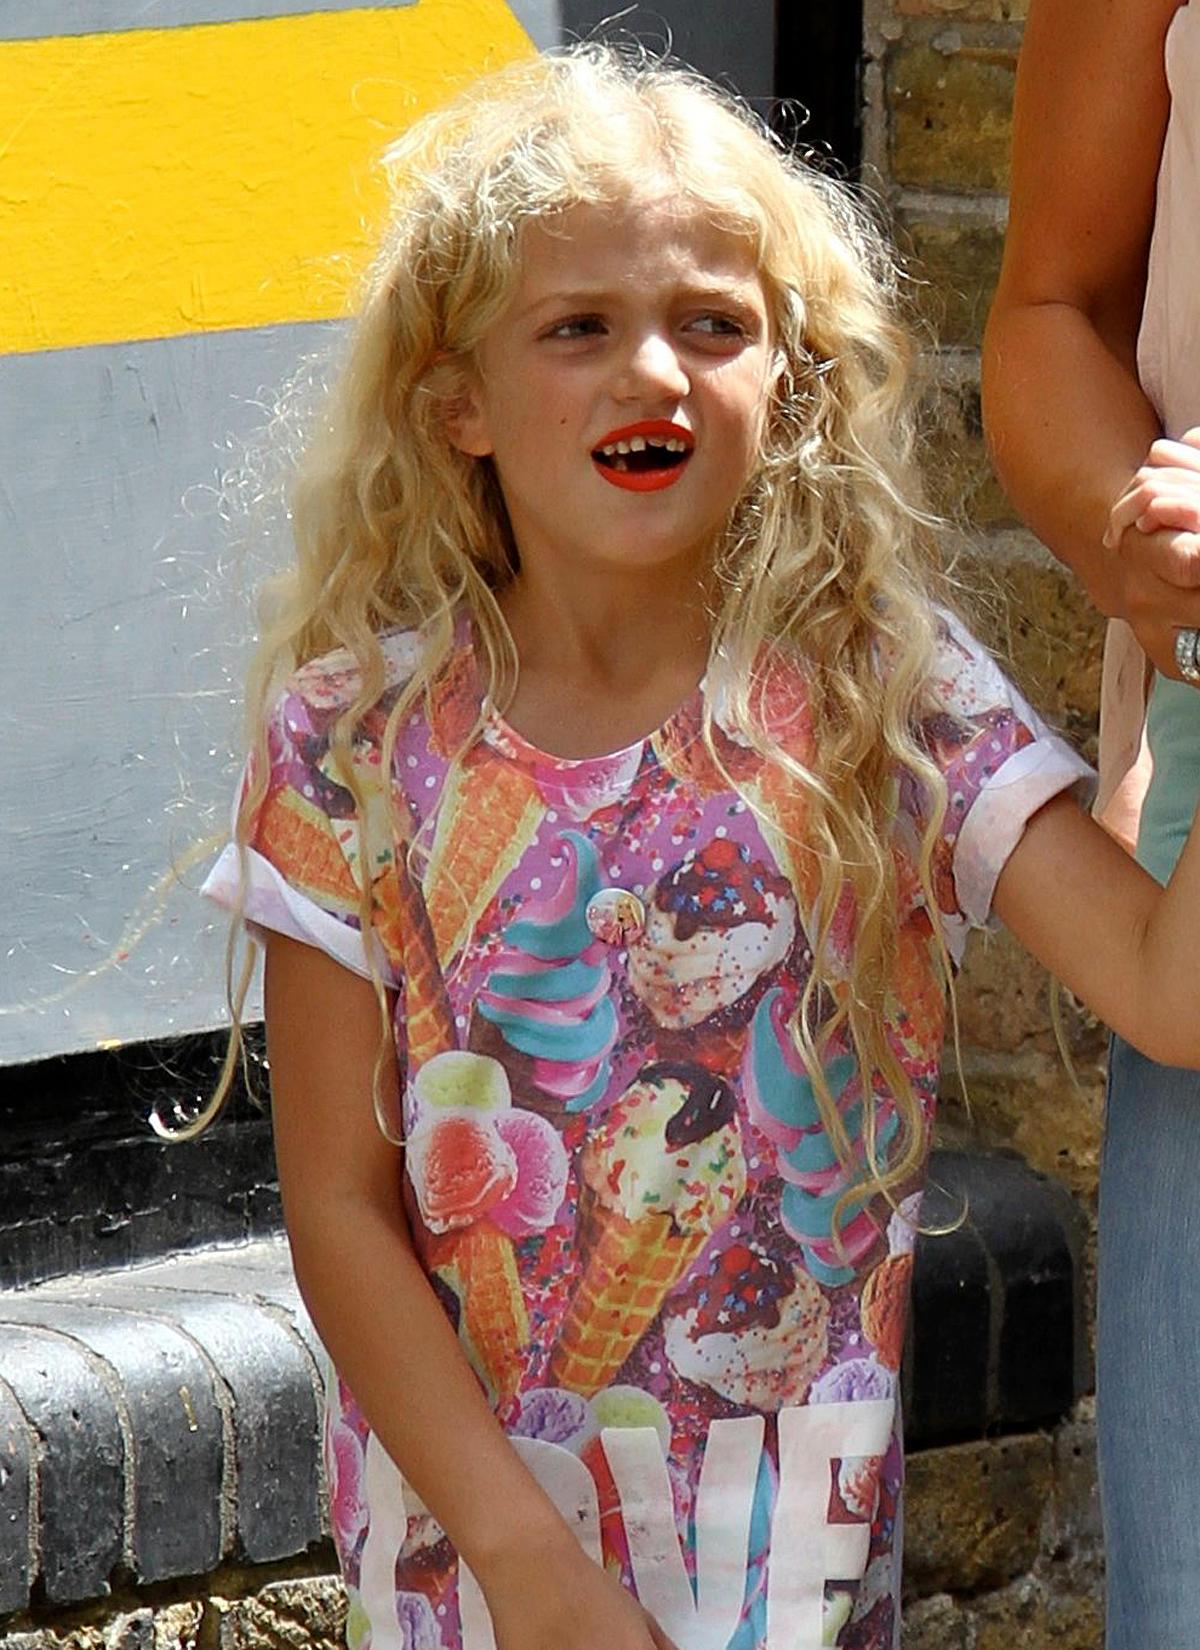 Mädchen Frisuren Styling Ideen Für Kinderhaare Galade